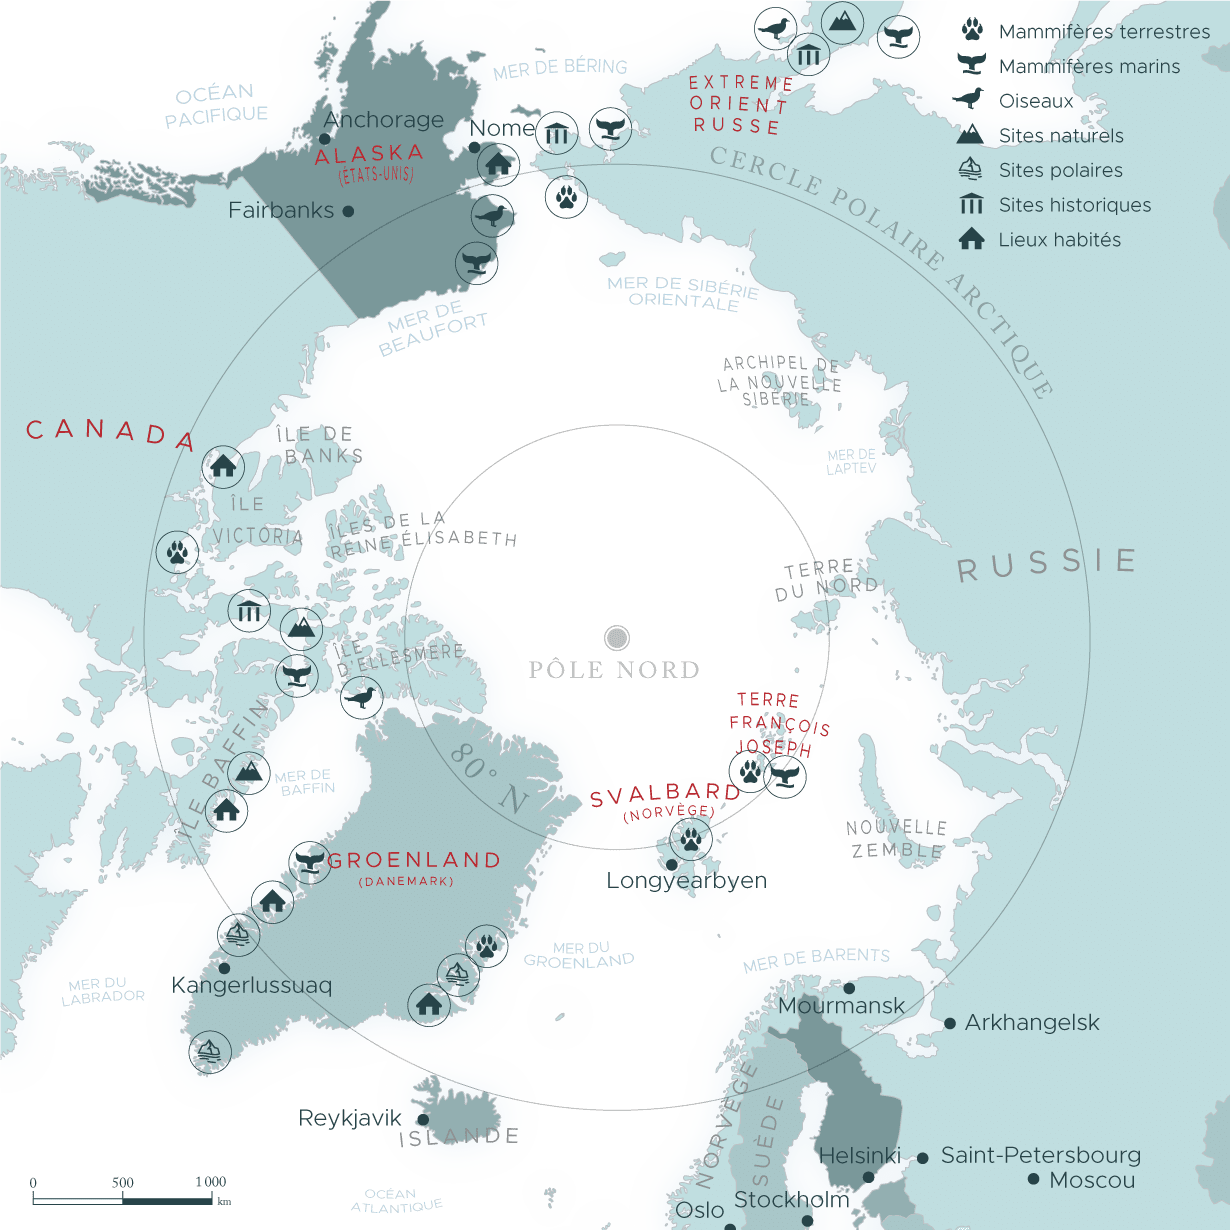 Carte de la region du grand nord et de l'arctique | Les Mondes Polaires